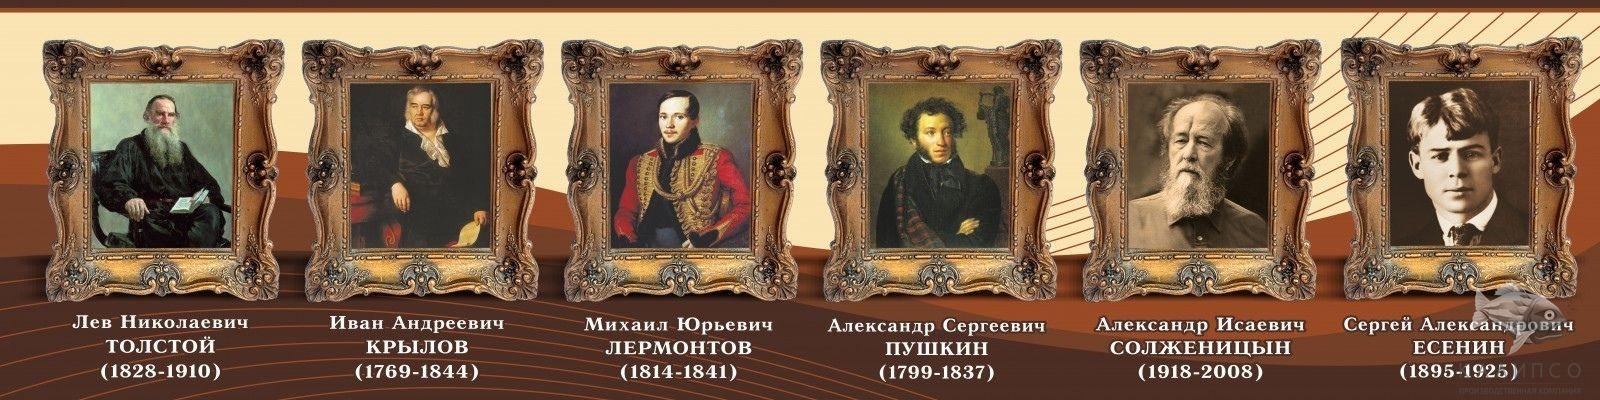 Стенд Великие писатели и поэты